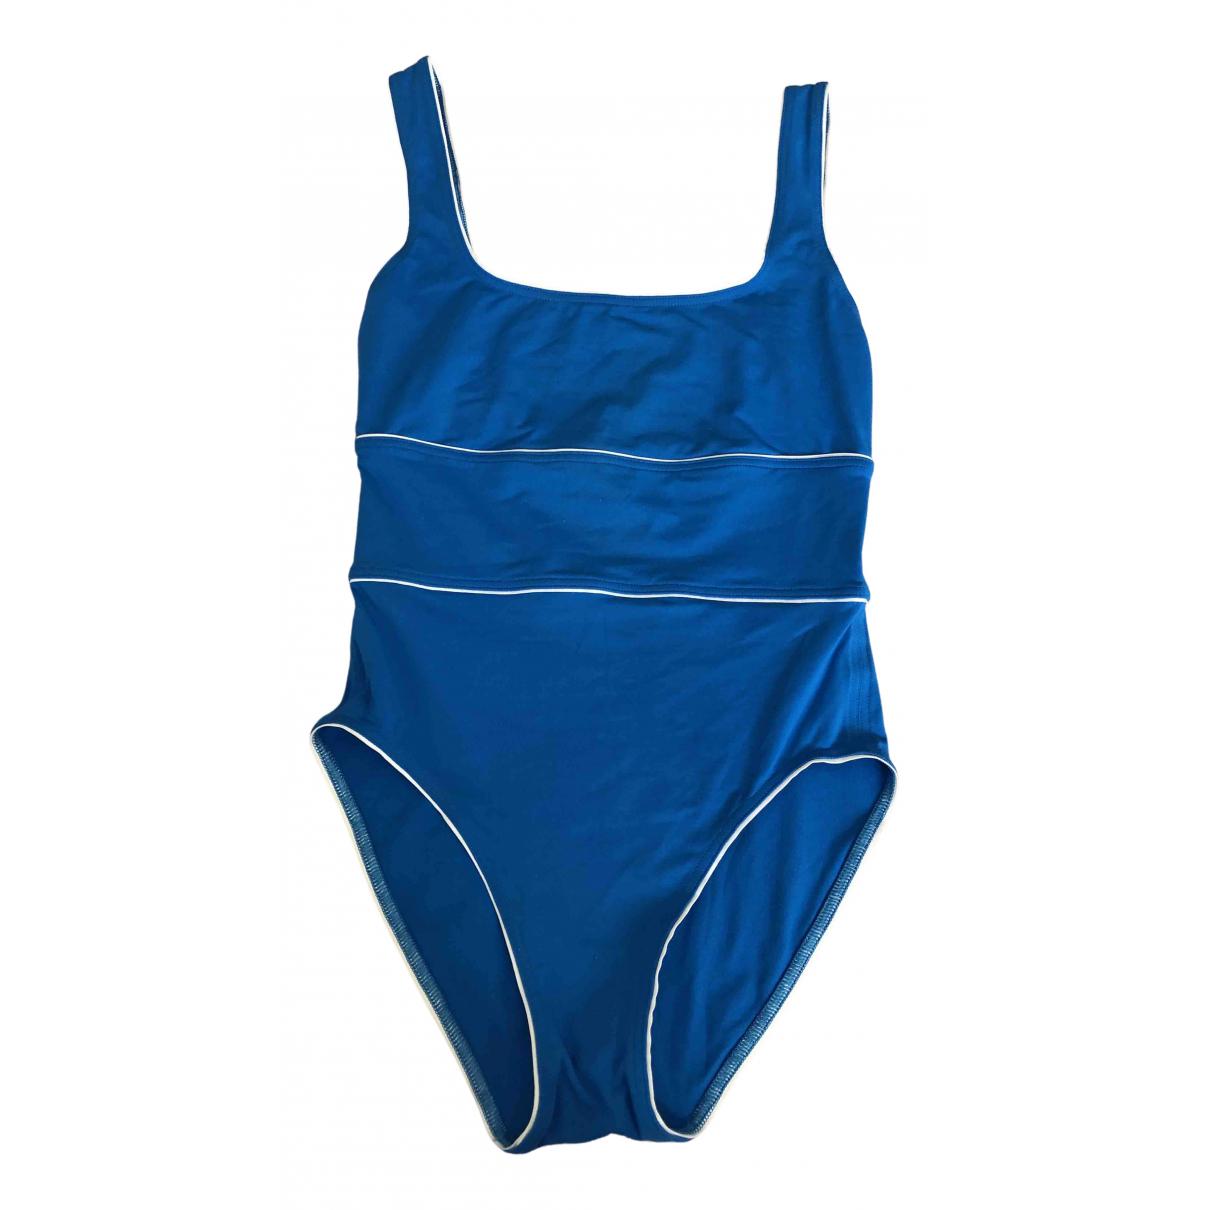 Eres \N Badeanzug in  Blau Lycra